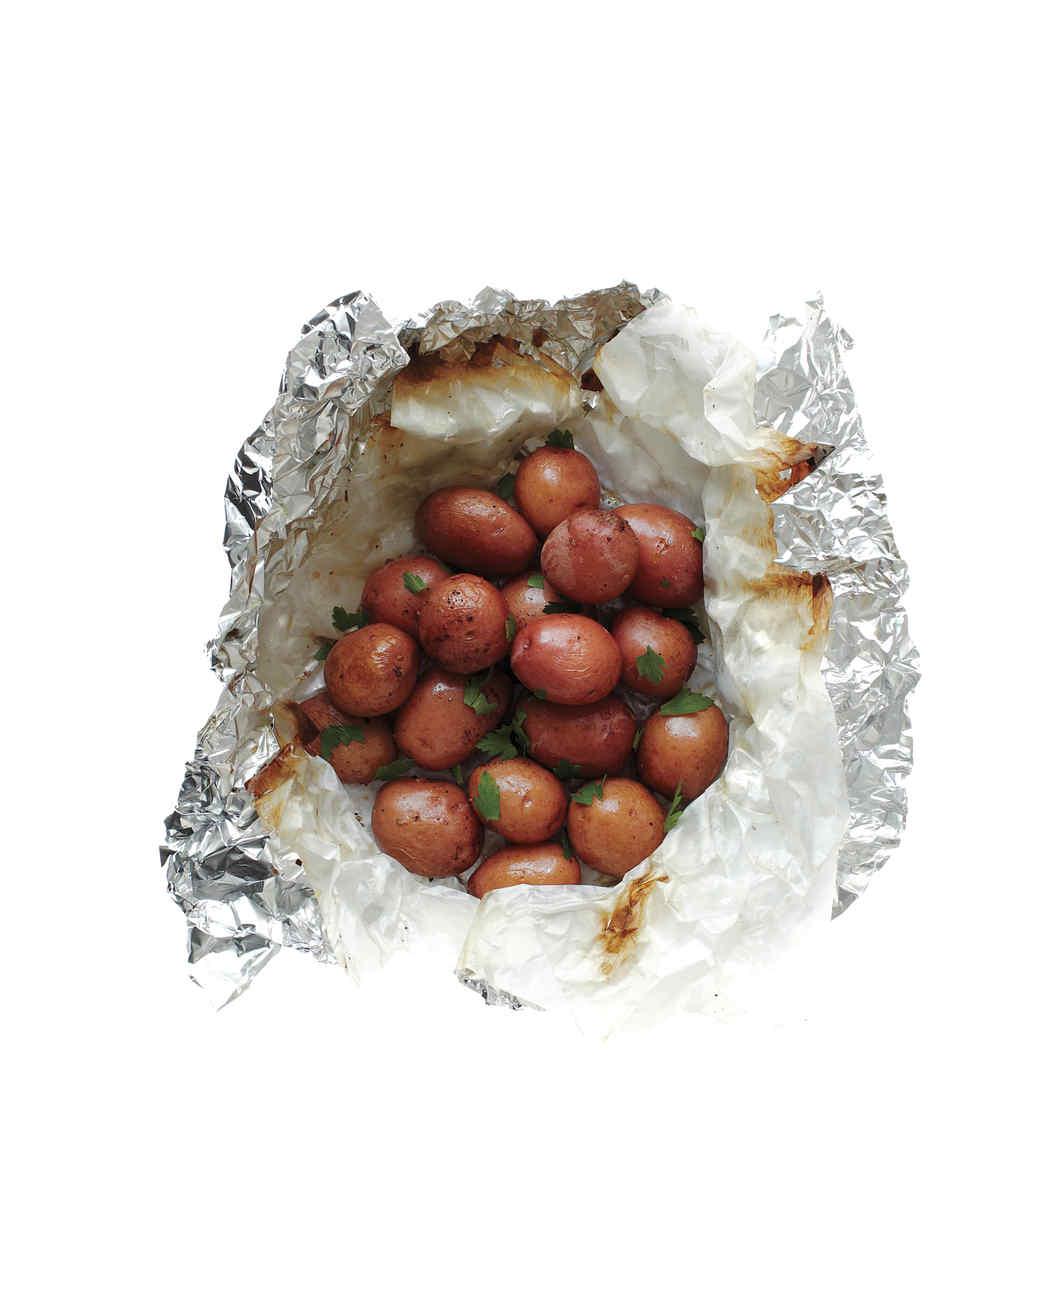 potatoes-parsley-meed108826.jpg